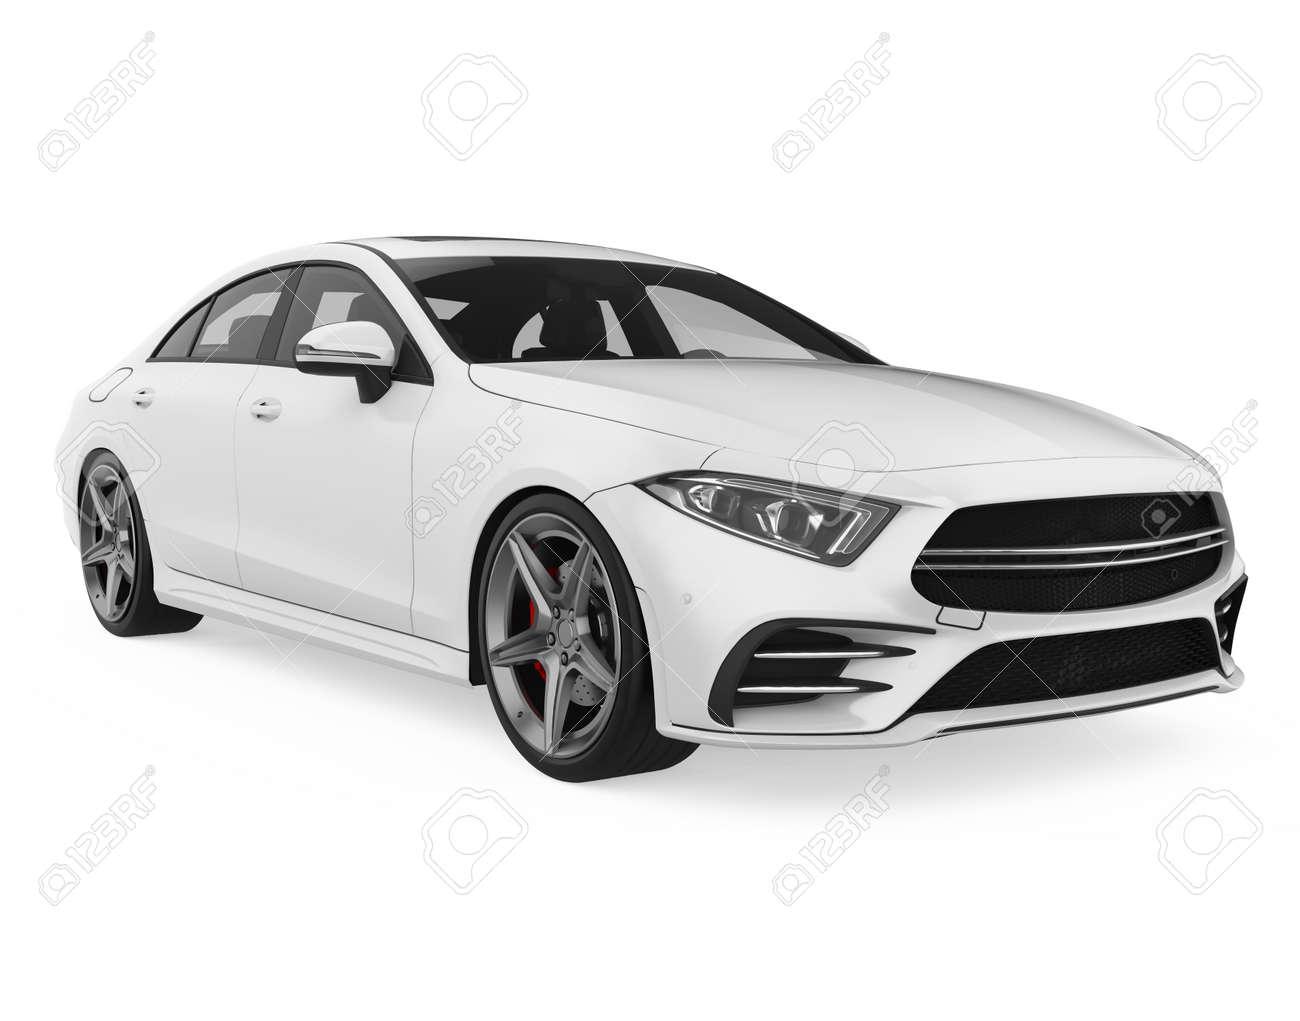 Sedan Car Isolated - 167846460